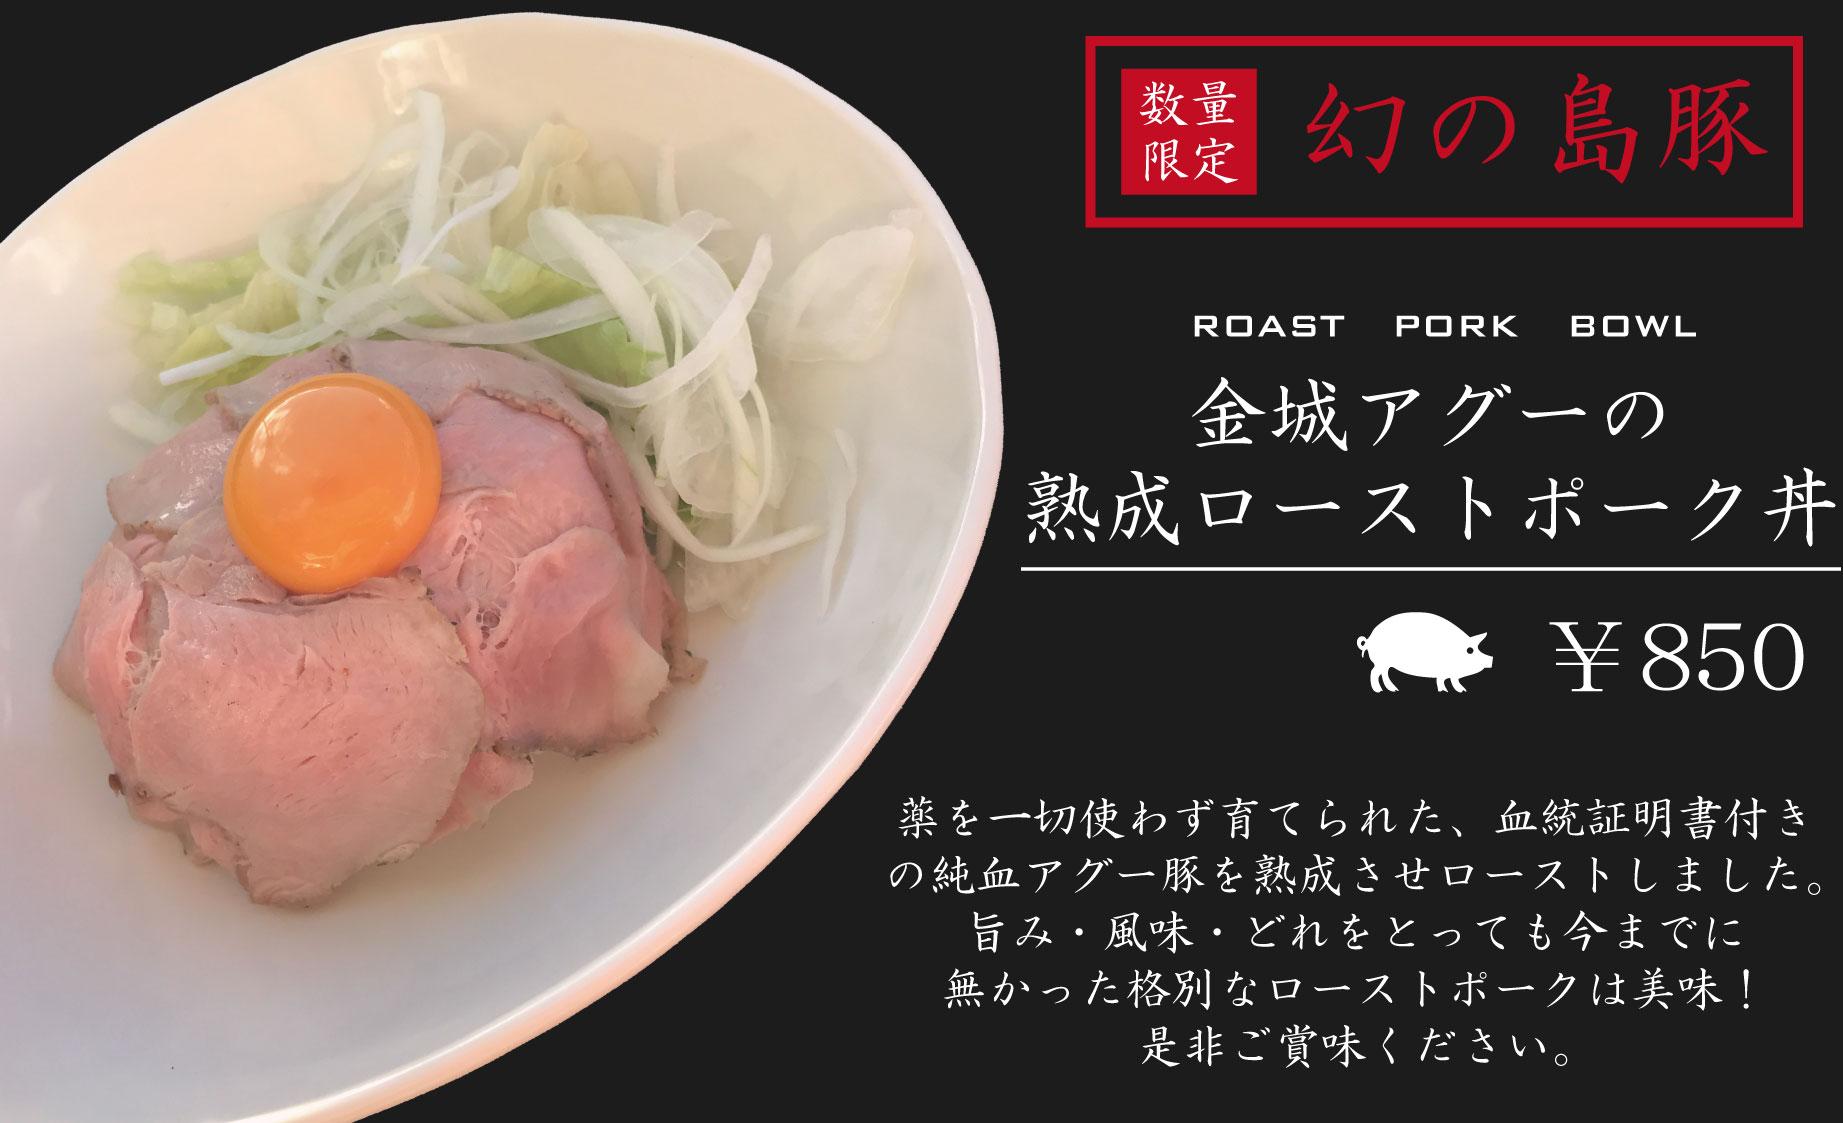 金城アグーの熟成ローストポーク丼